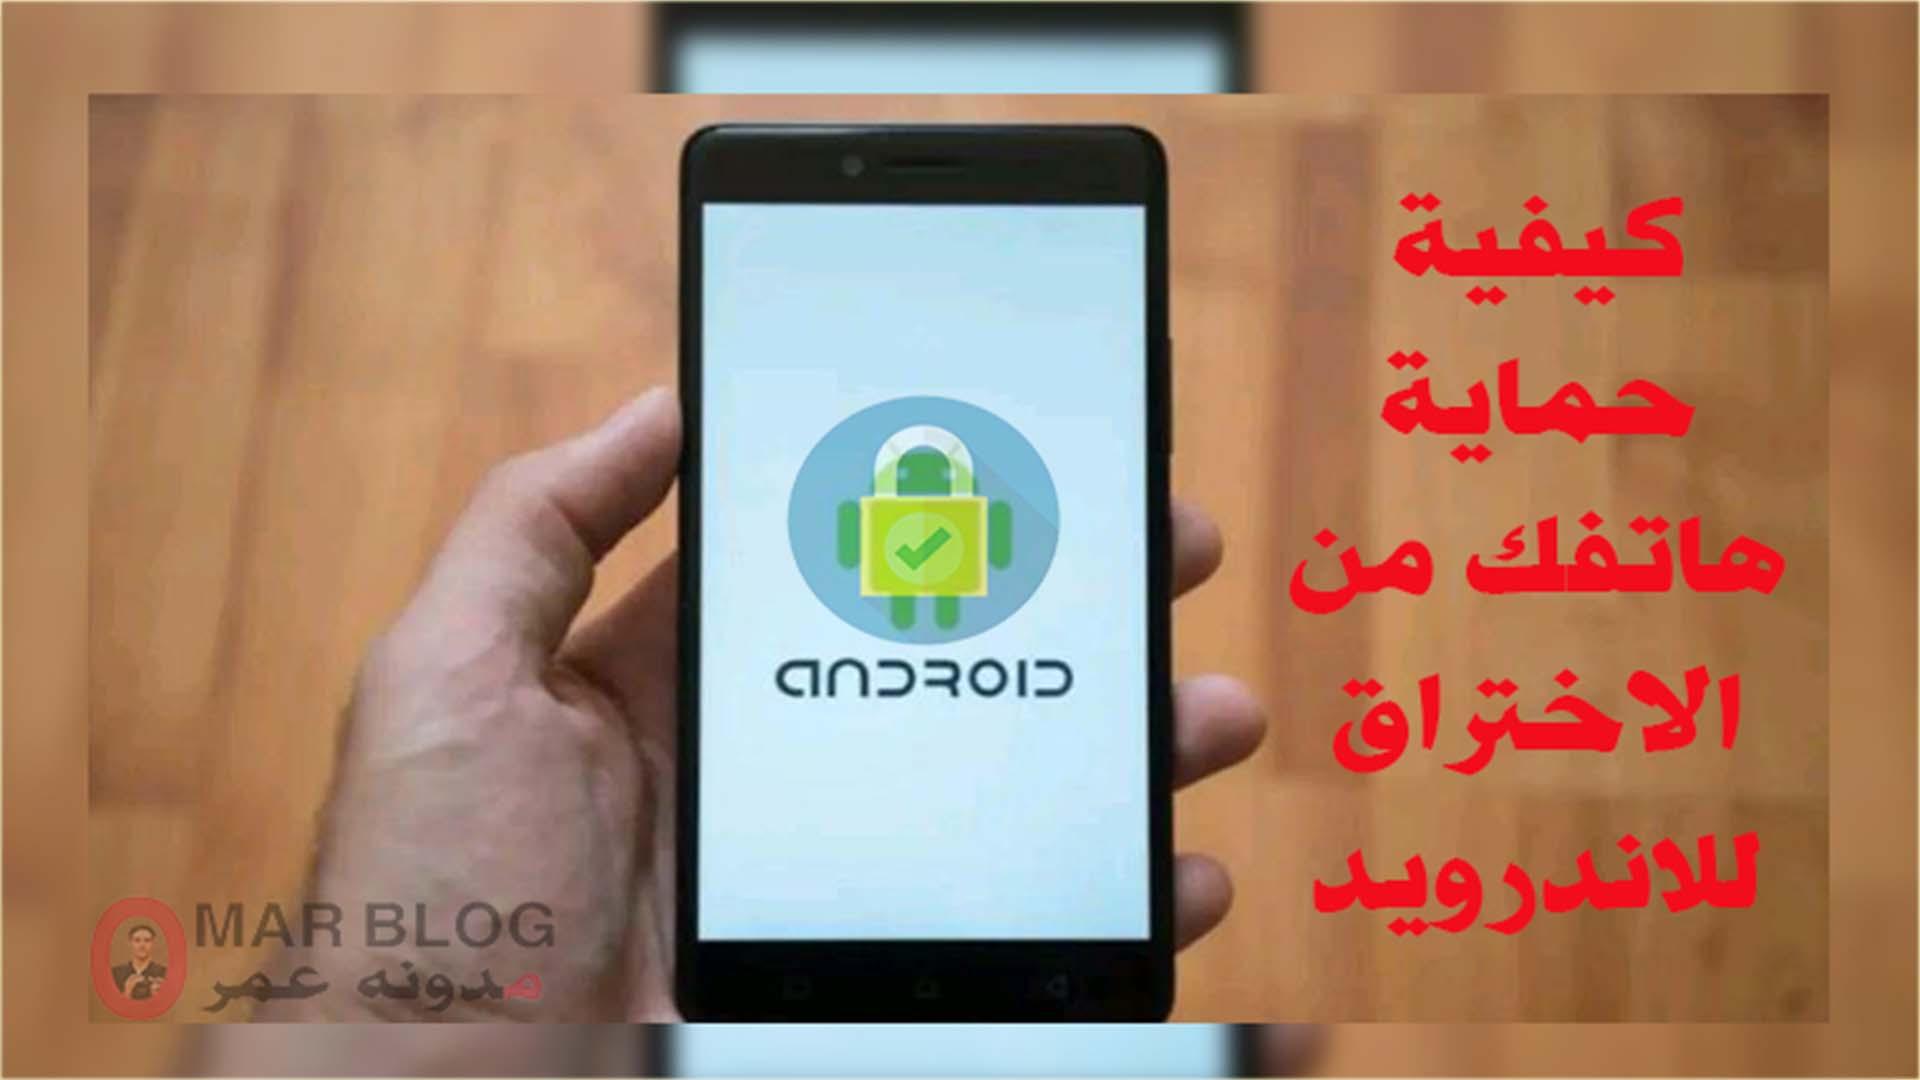 كيفية حماية هاتفك من الاختراق للاندرويد 2021